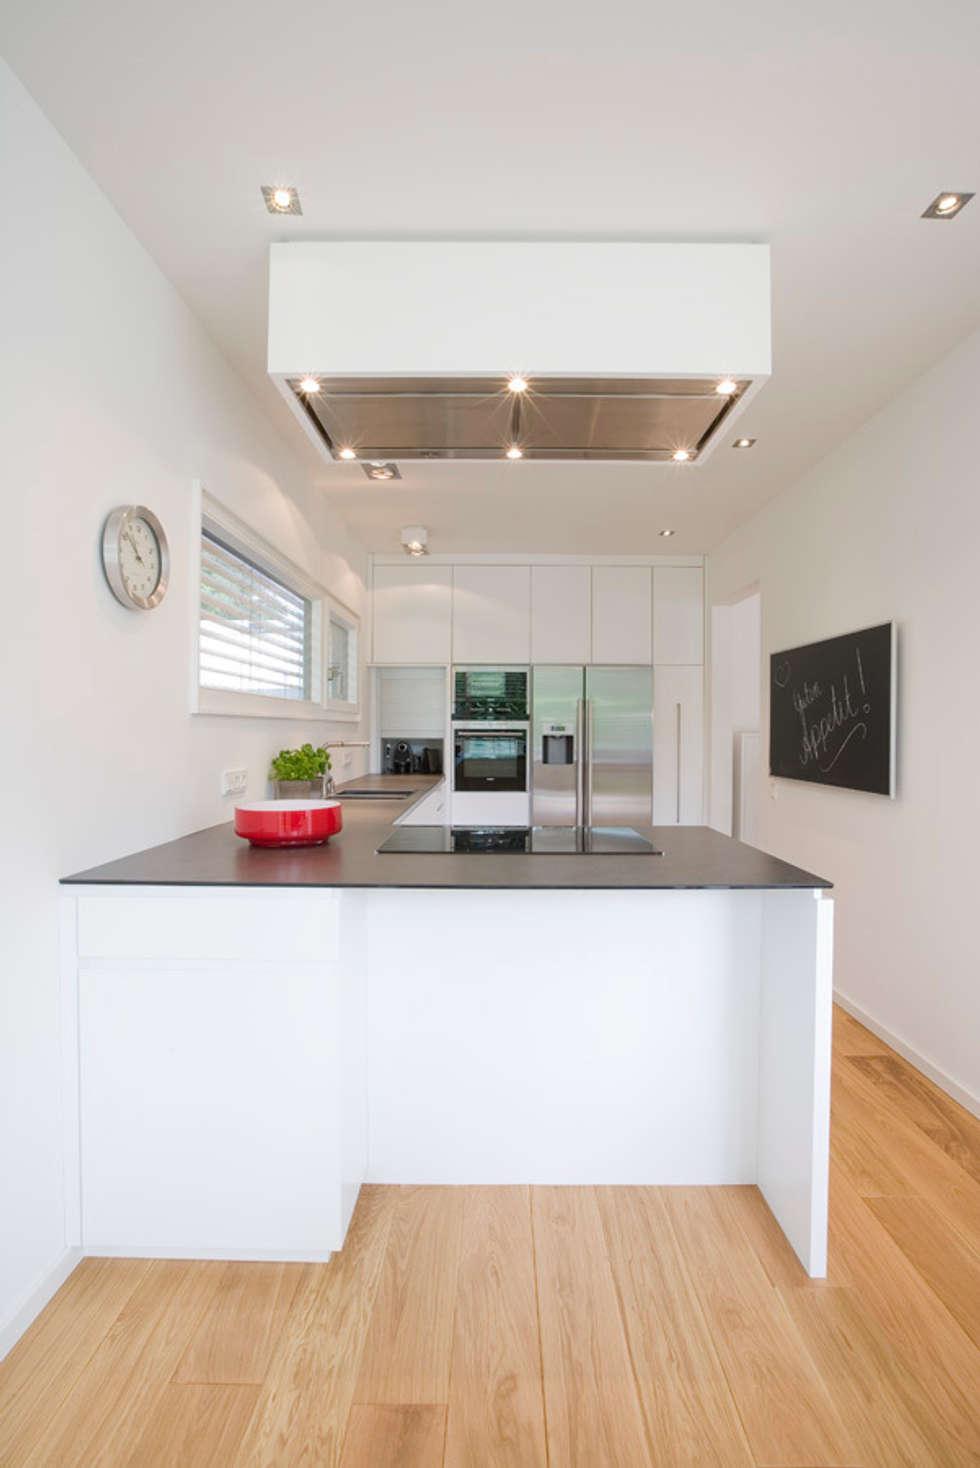 Küche in neuer Anbau REH: moderne Küche von stylingroom